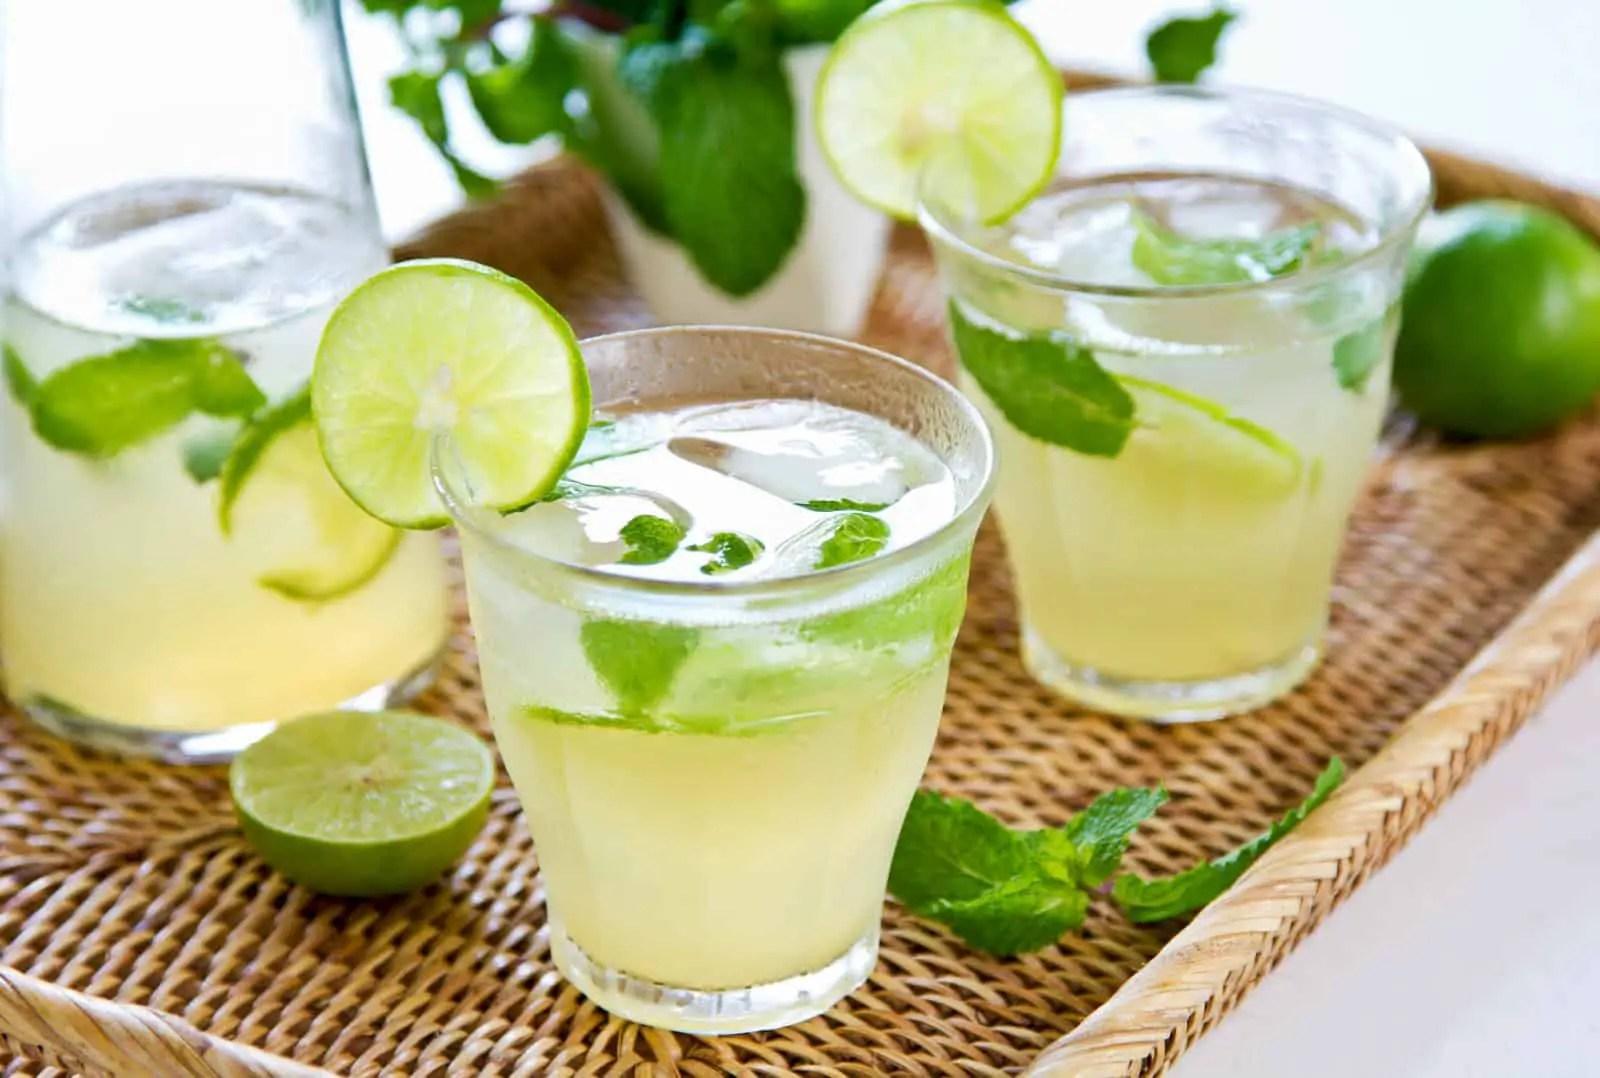 Does Bottled Lime Juice Go Bad?